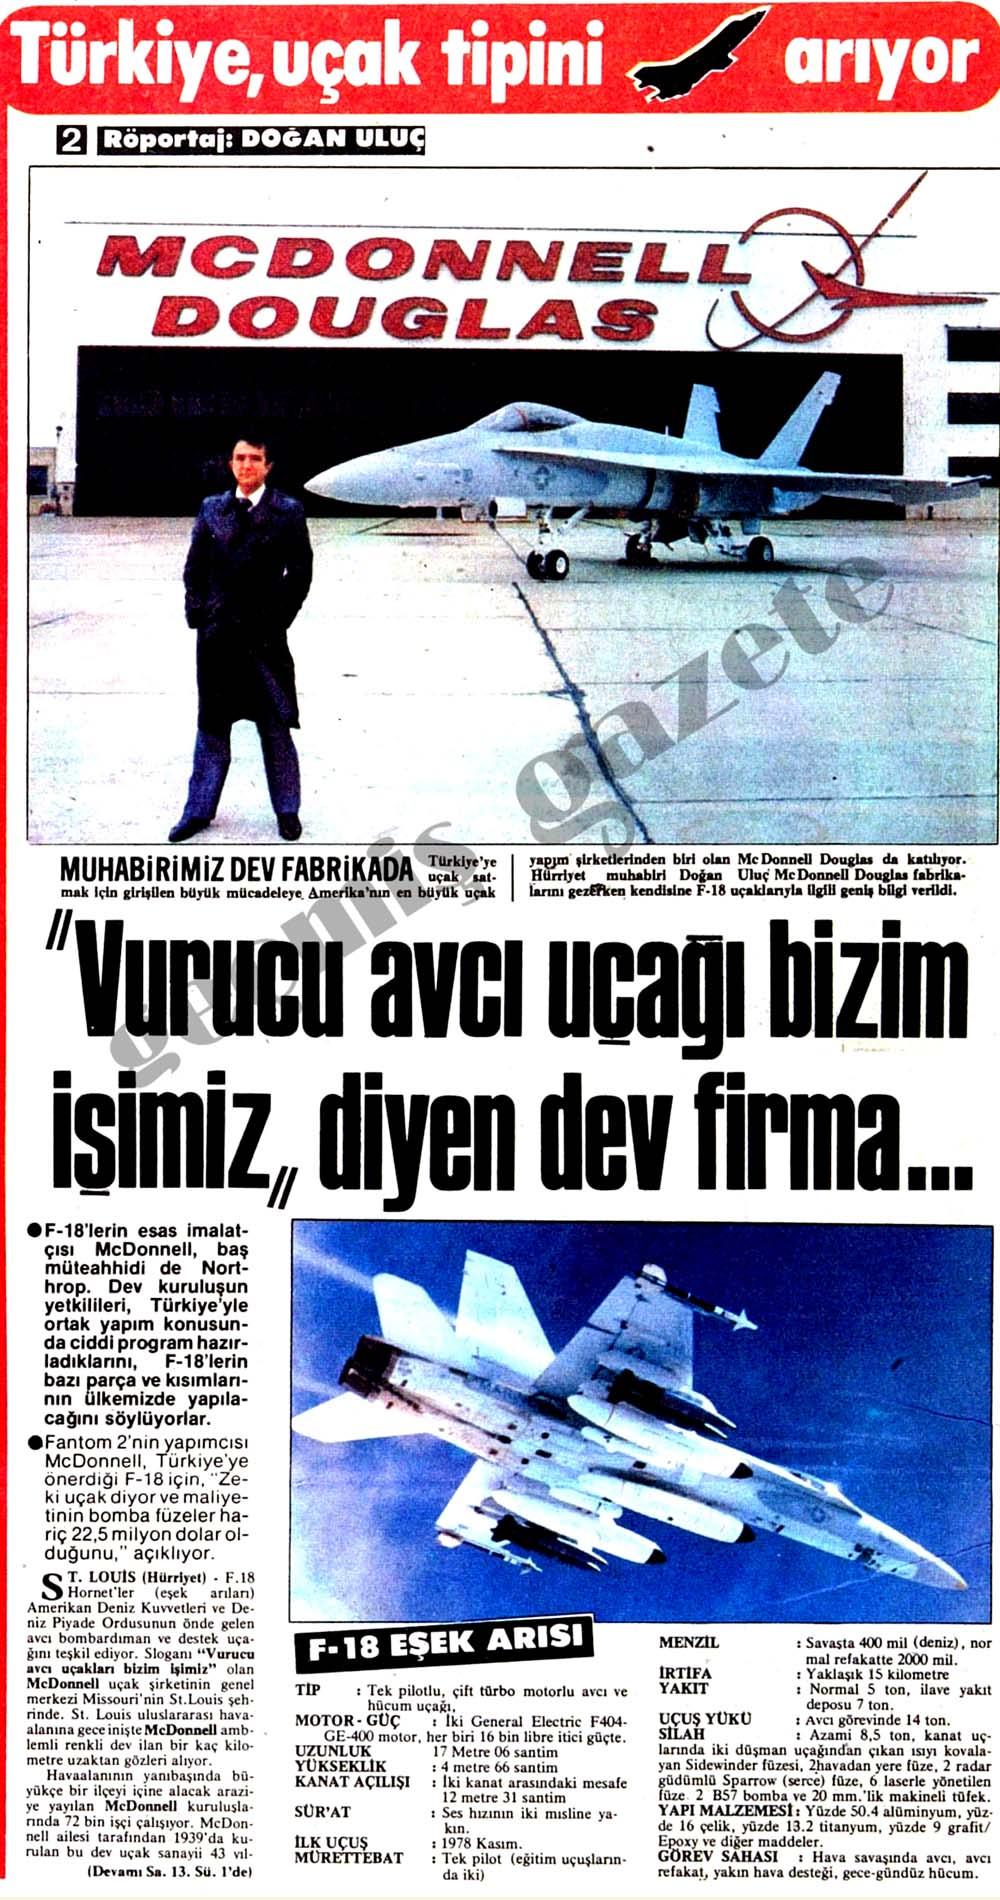 Türkiye, uçak tipini arıyor